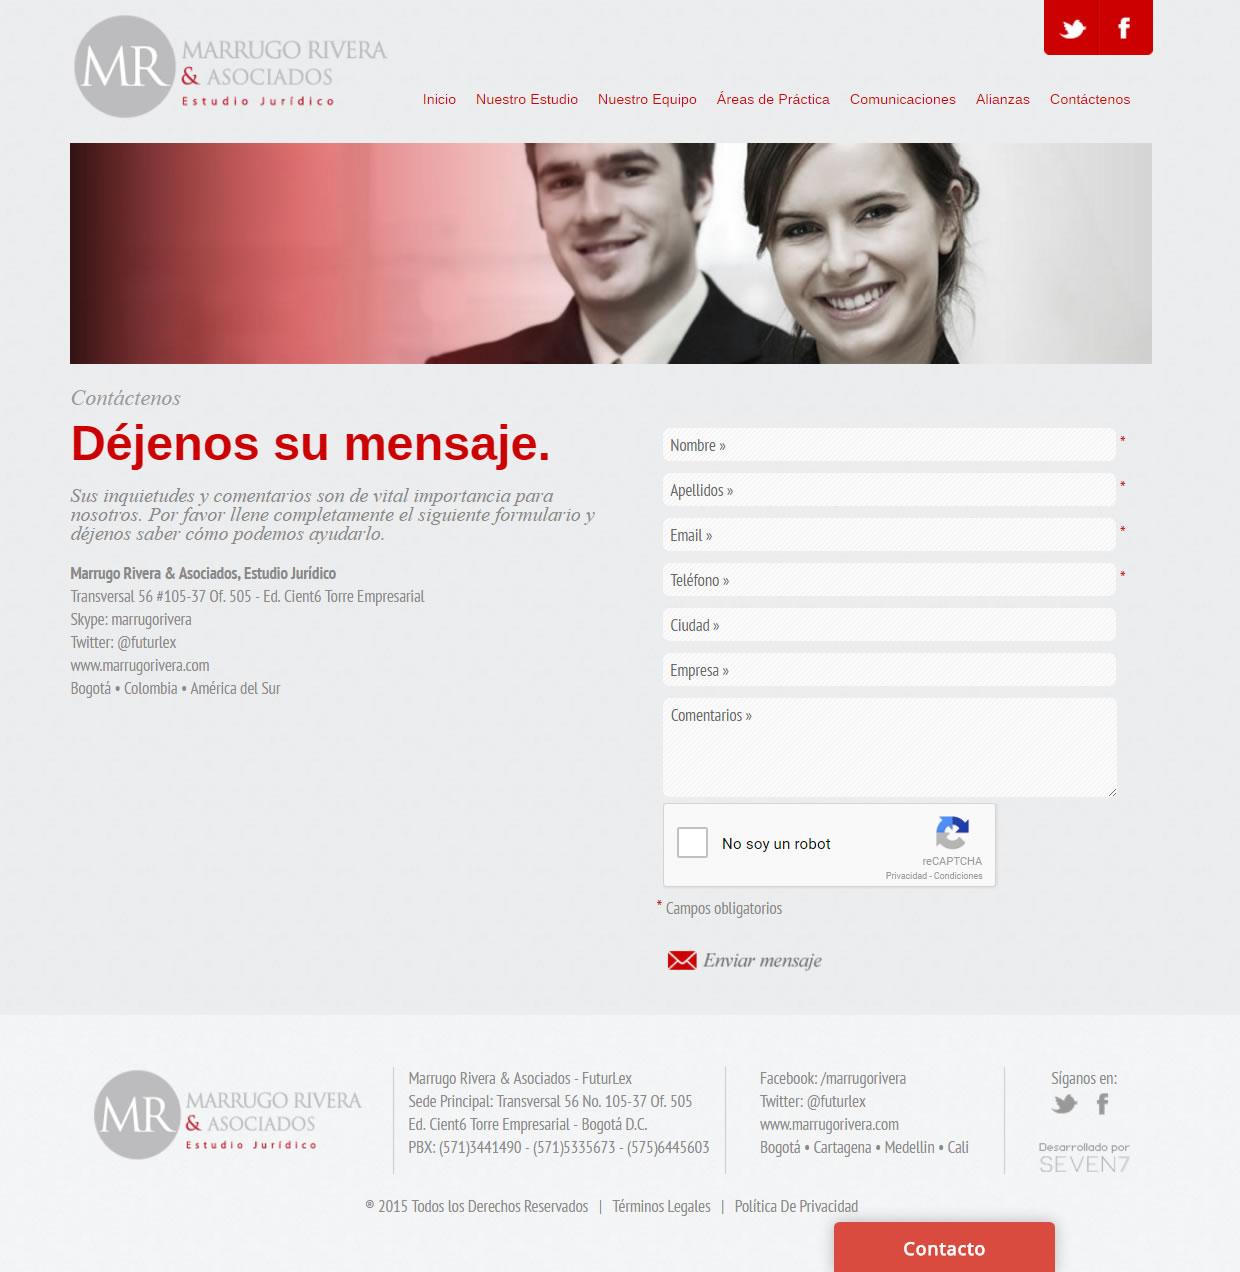 Marrugo Rivera & Asociados